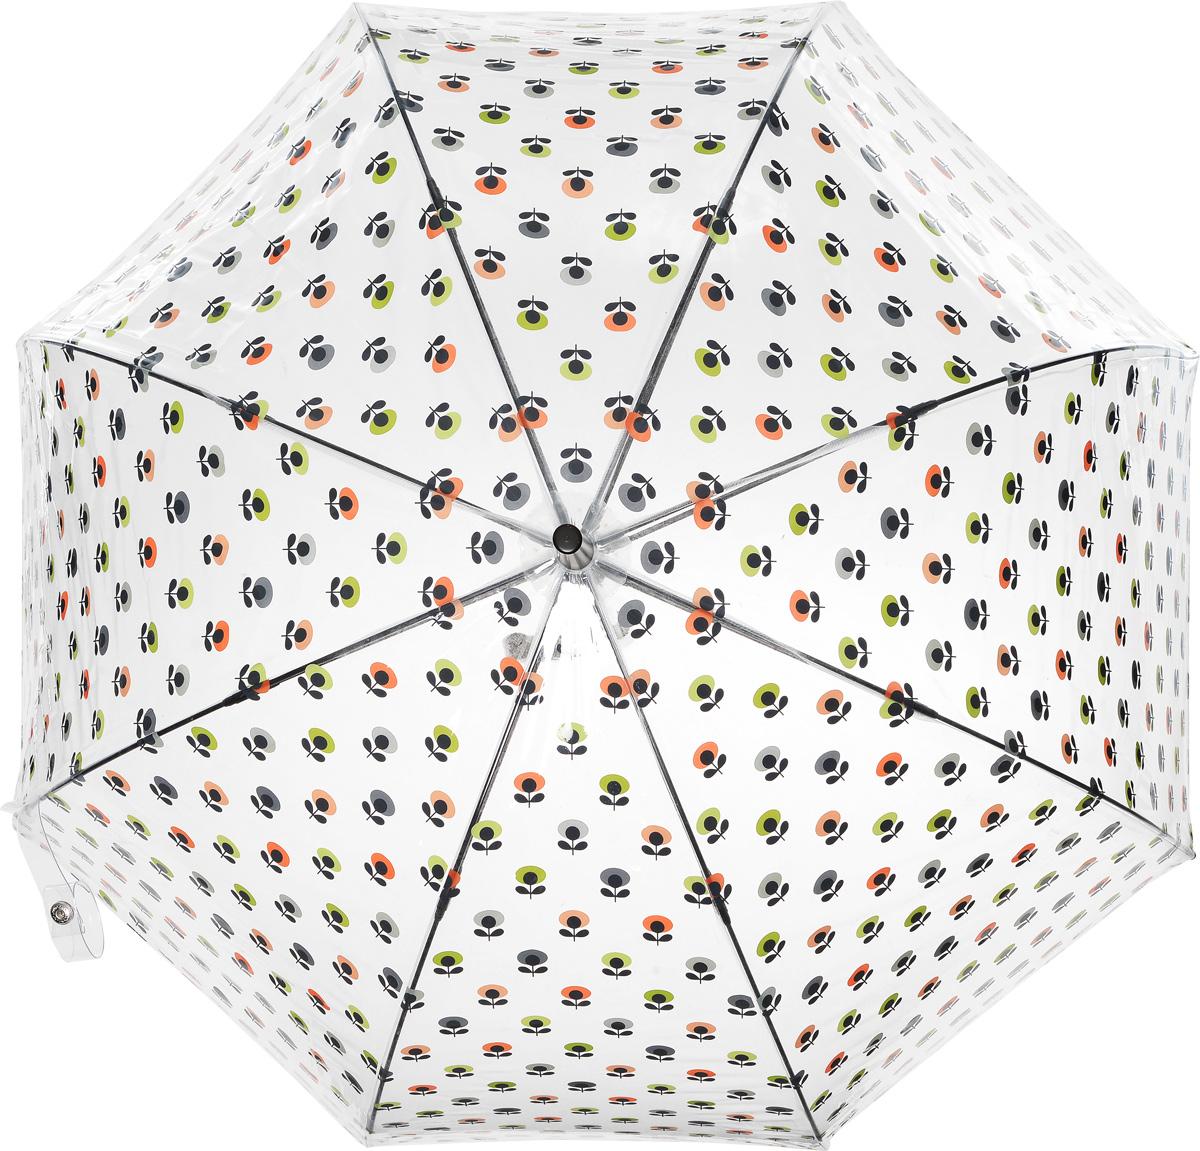 Зонт-трость женский Orla Kiely Birdcage, механический, цвет: прозрачный, мультиколор. L746-3201CX1516-50-10Необычный механический зонт-трость Orla Kiely Birdcage даже в ненастную погоду позволит вам оставаться модной и элегантной. Каркас зонта включает 8 спиц из фибергласса с пластиковыми наконечниками. Стержень изготовлен из стали. Купол зонта выполнен из высококачественного прозрачного ПВХ и оформлен принтом в виде цветочков. Изделие дополнено удобной пластиковой рукояткой, стилизованной под дерево.Зонт механического сложения: купол открывается и закрывается вручную до характерного щелчка. Модель дополнительно застегивается с помощью хлястика на кнопку.Такой зонт не только надежно защитит вас от дождя, но и станет стильным аксессуаром, который идеально подчеркнет ваш неповторимый образ.